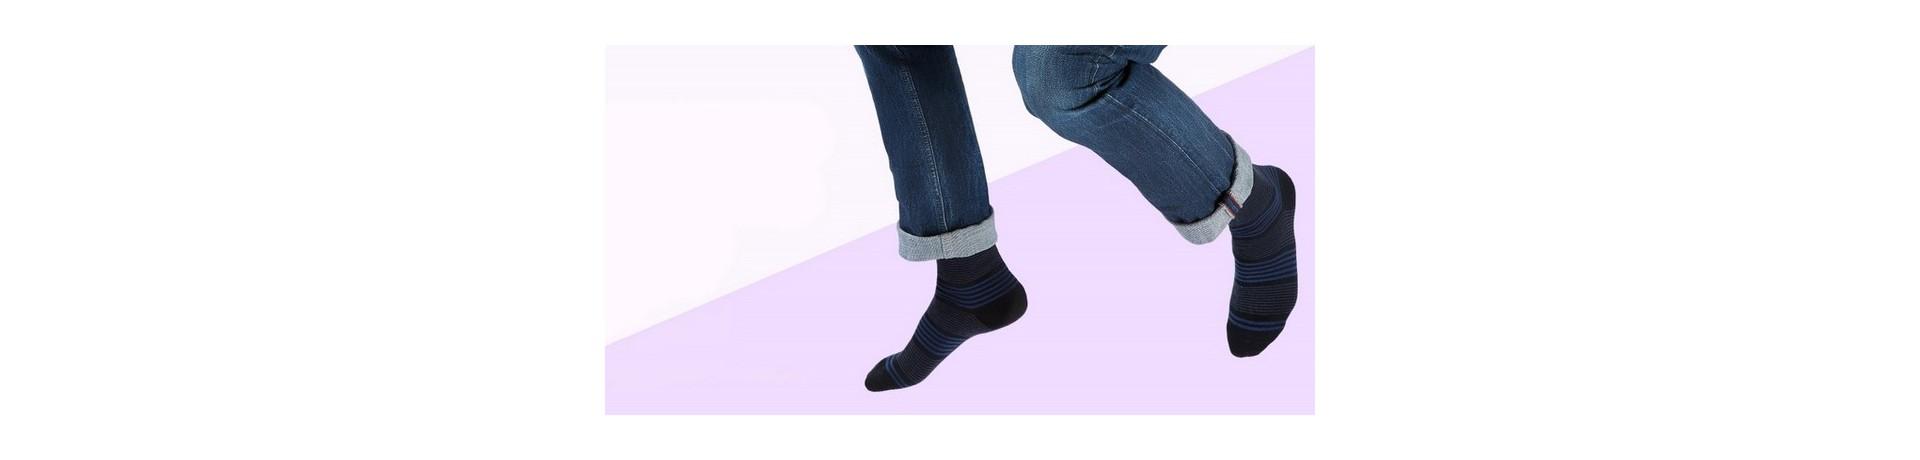 Chaussettes entretien facile - Gamme Séchage +